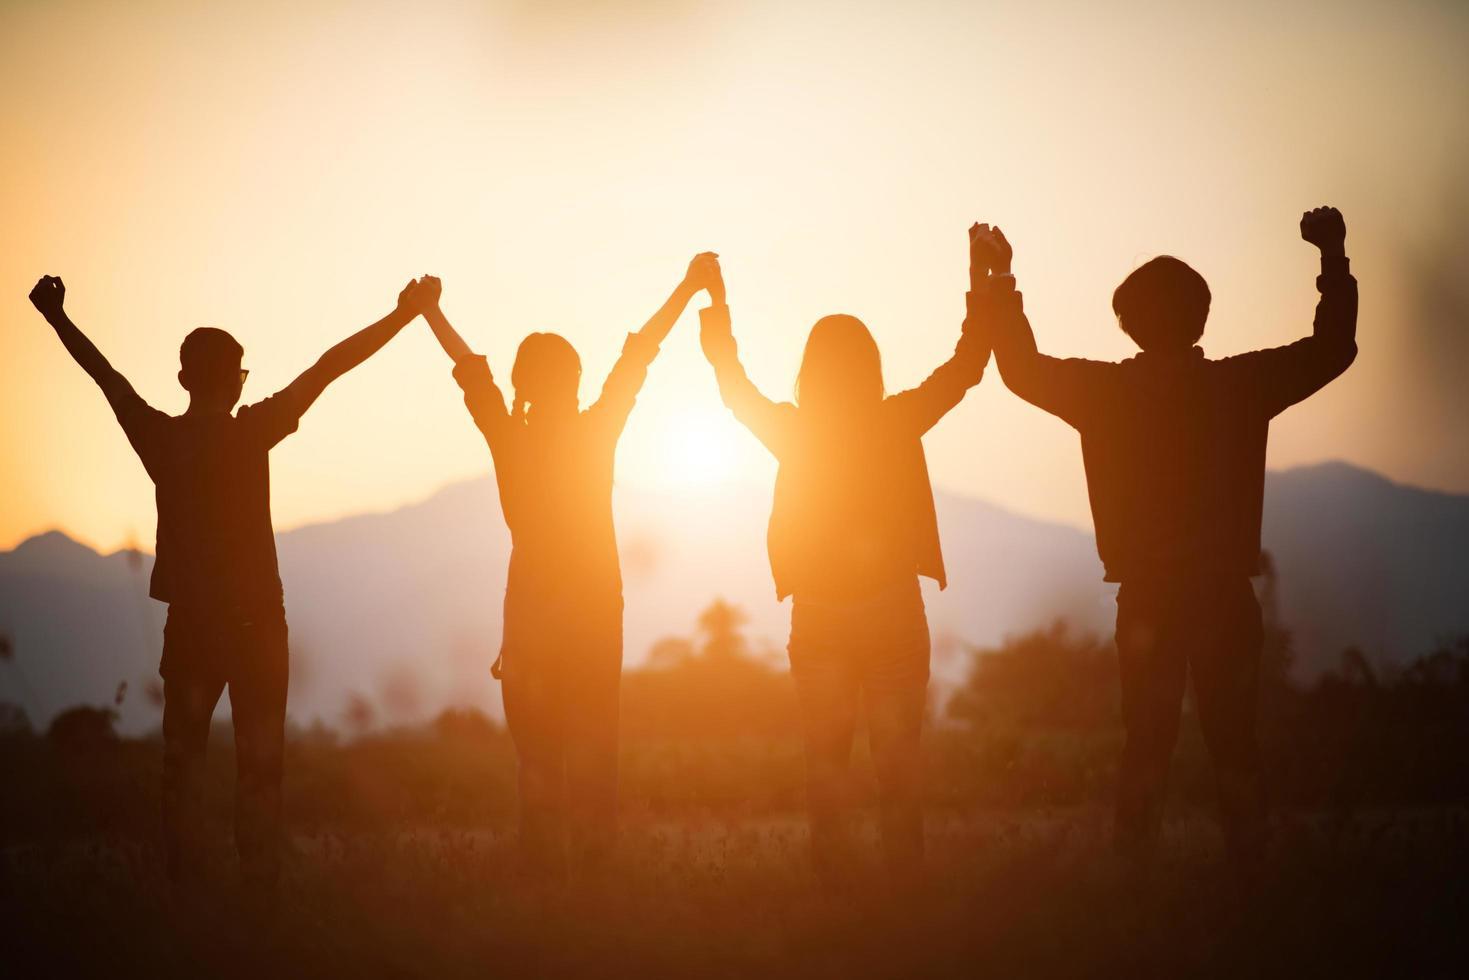 Silhouette des glücklichen Teams, das Hände in der Luft verbindet foto